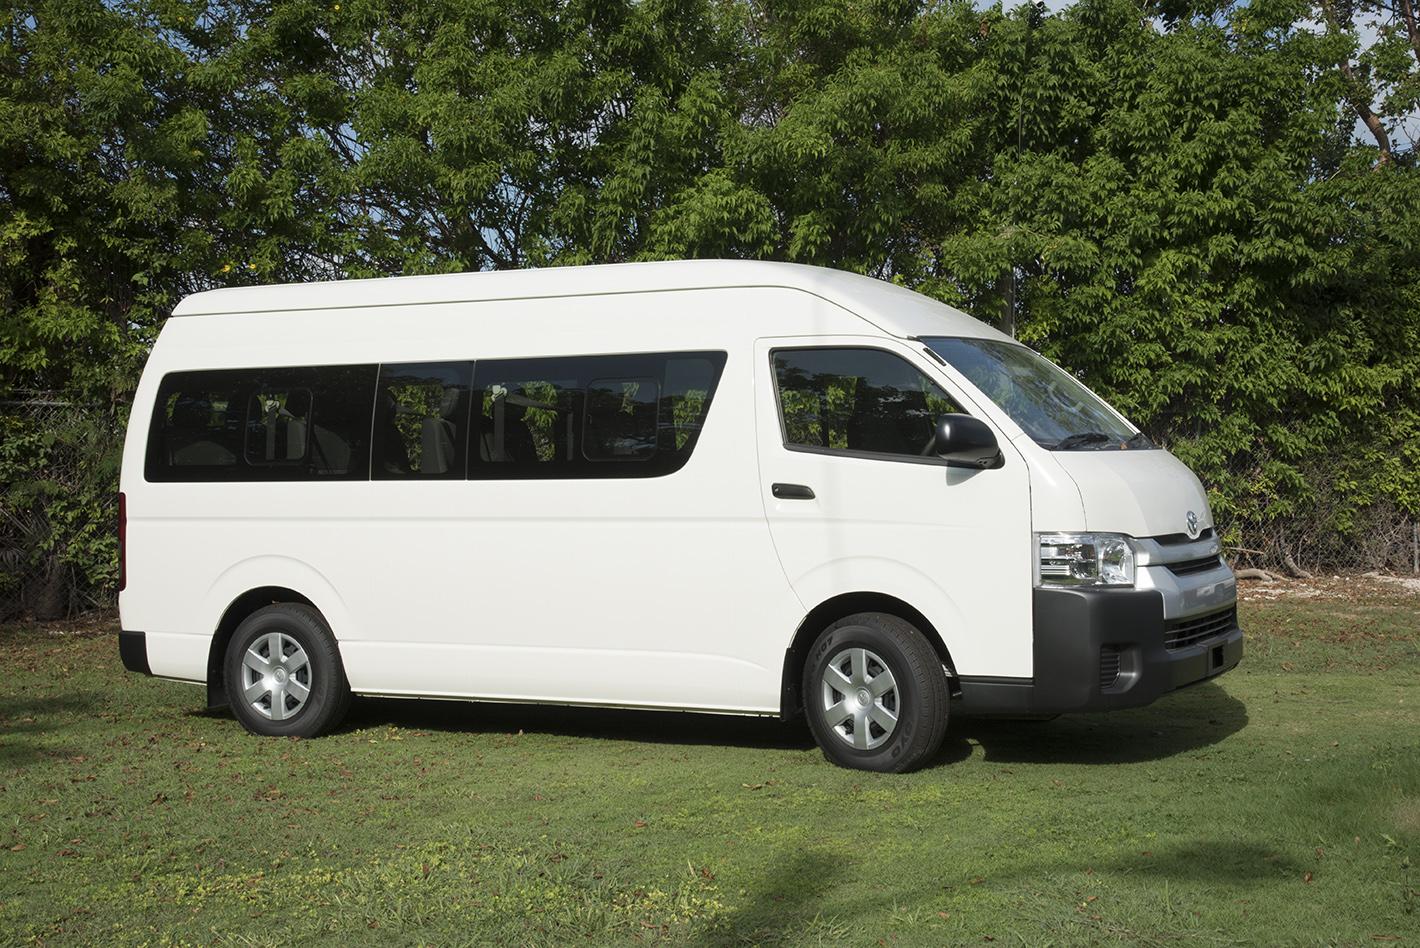 Interior dan Eksterior Hiace Commuter - Pengalaman Liburan Aman, Nyaman, dan Mewah Bersama Toyota Hiace